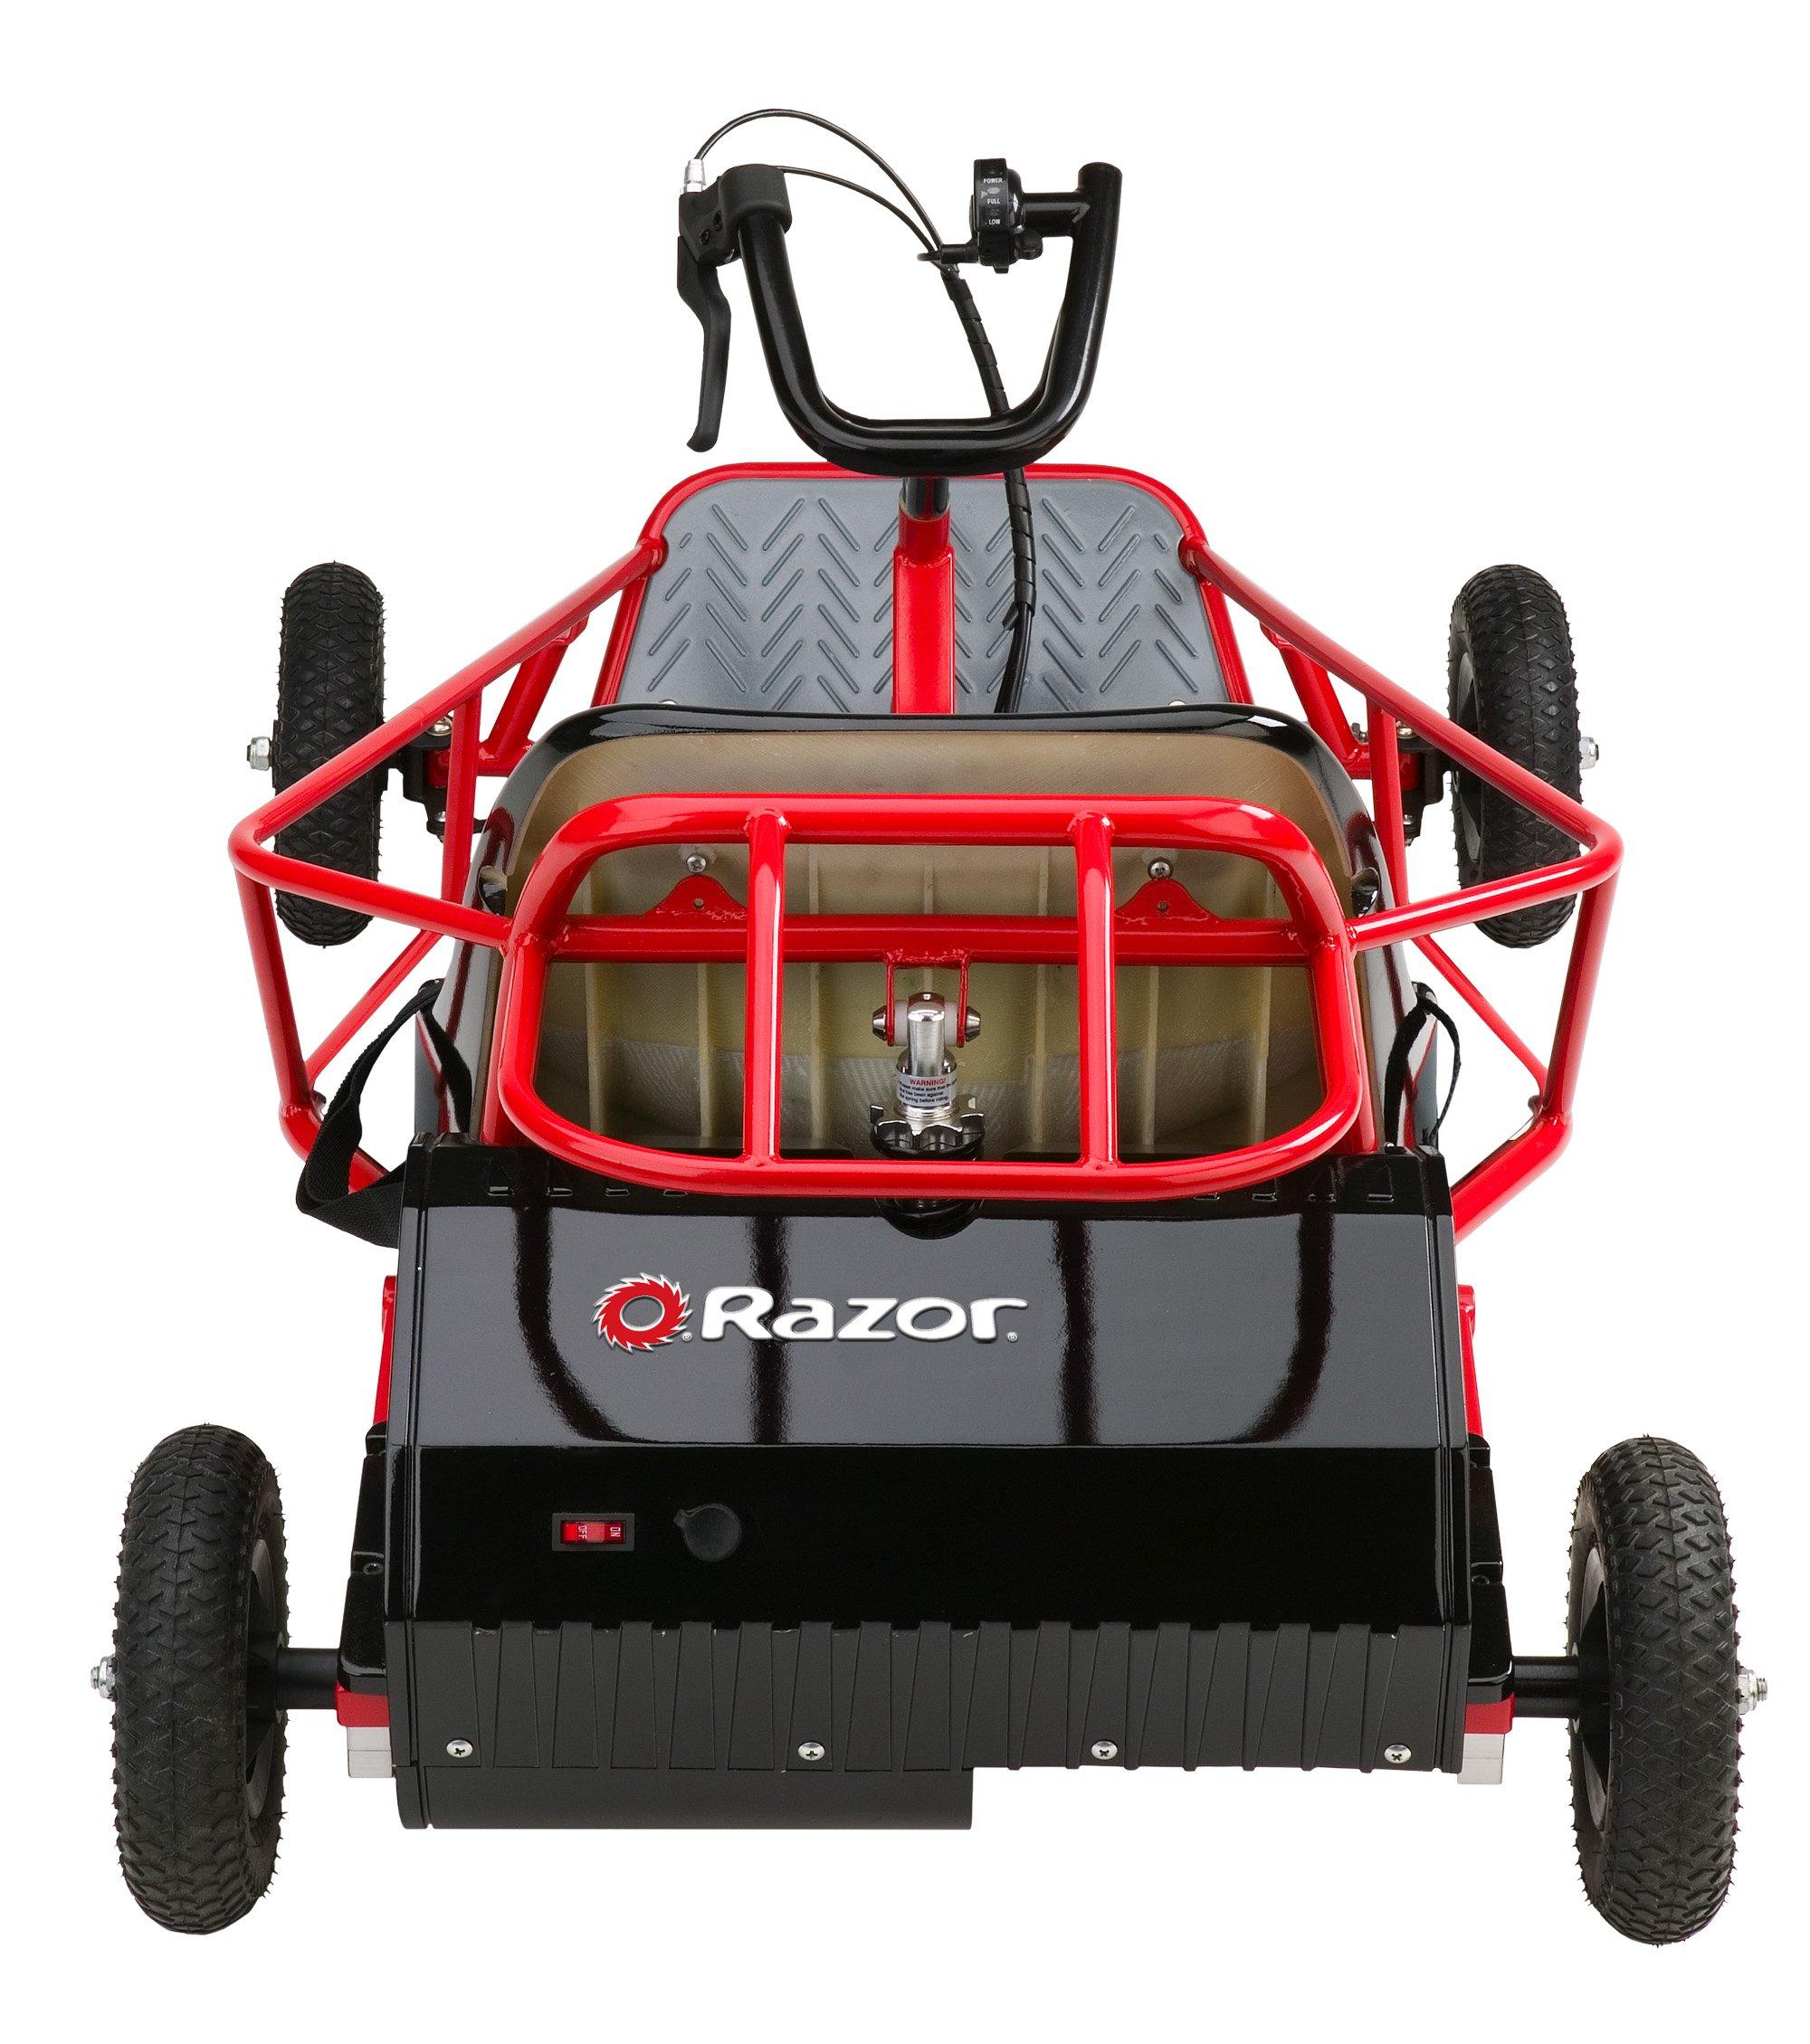 Razor Dune Buggy Buy Online In Ksa Sporting Goods